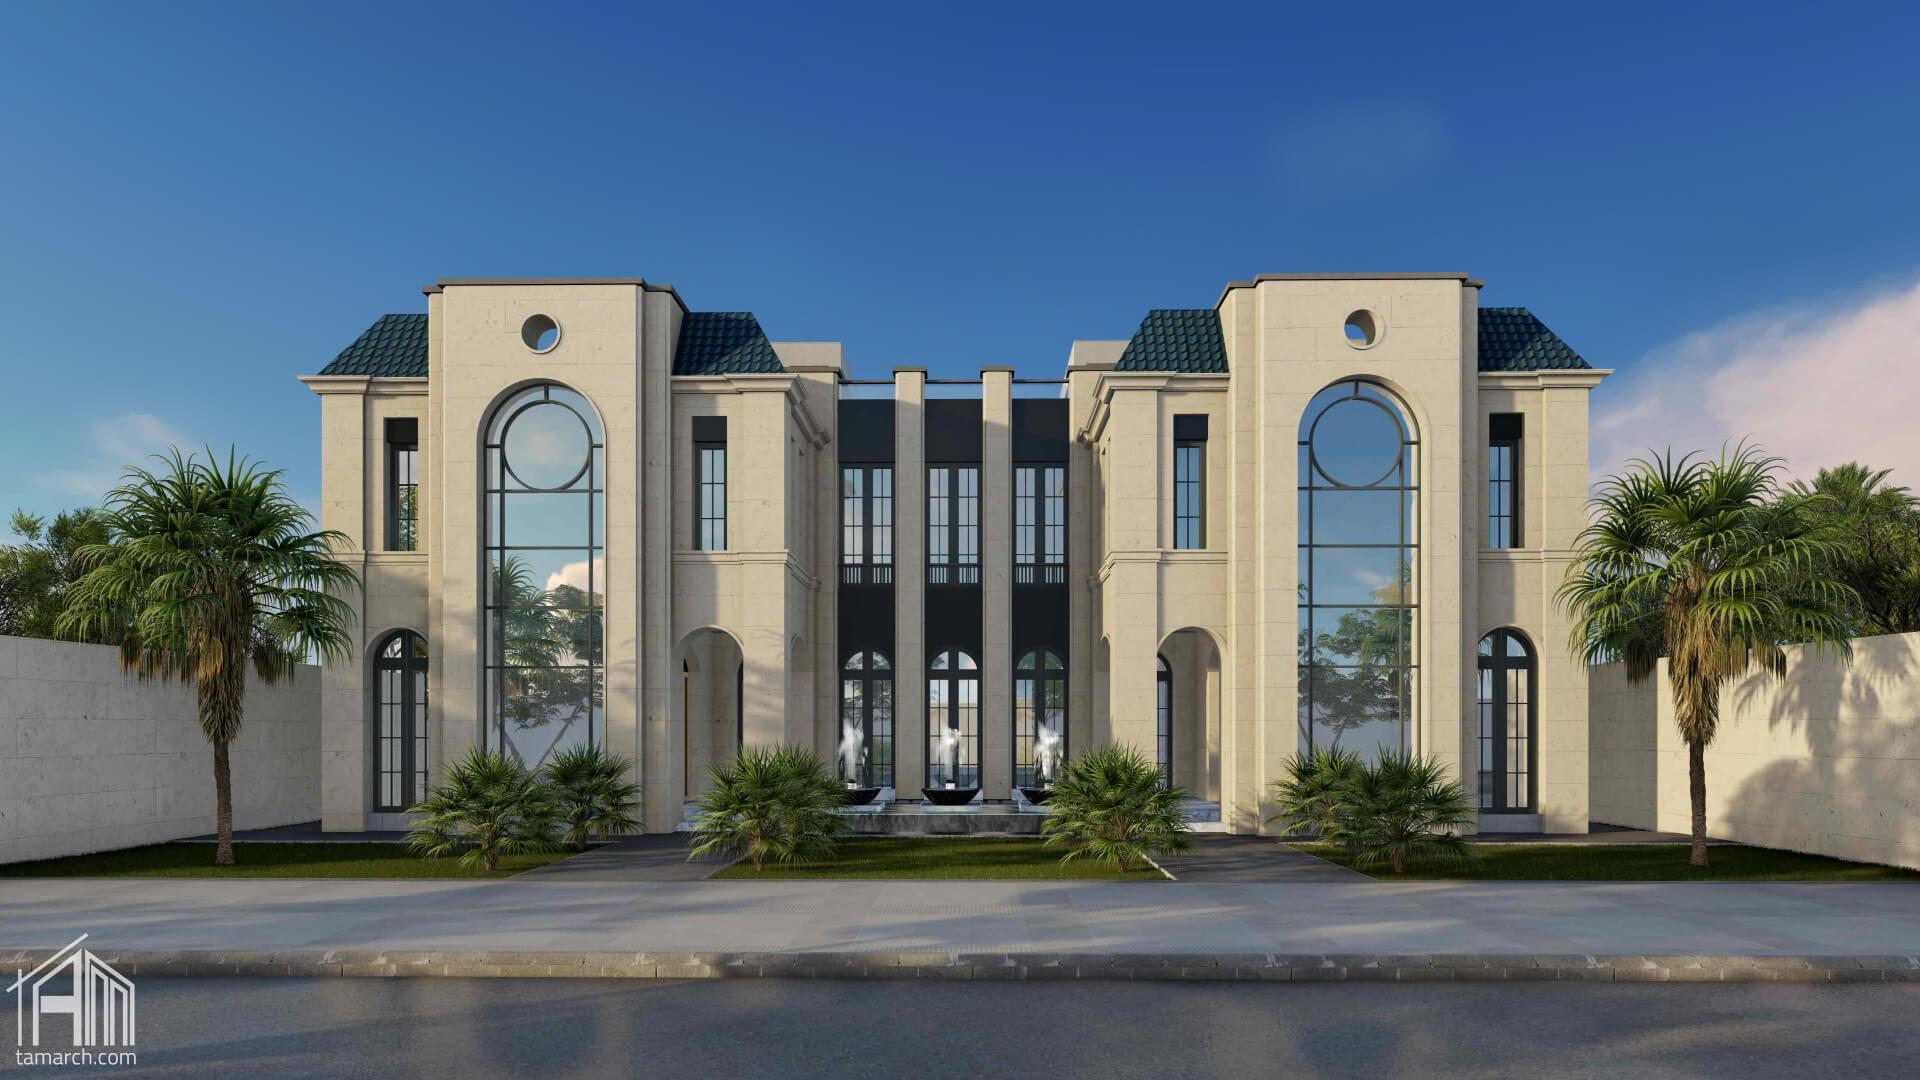 فيلا خاصة في الرياض 851 متر | Private Villa in Riyadh 851 sqm